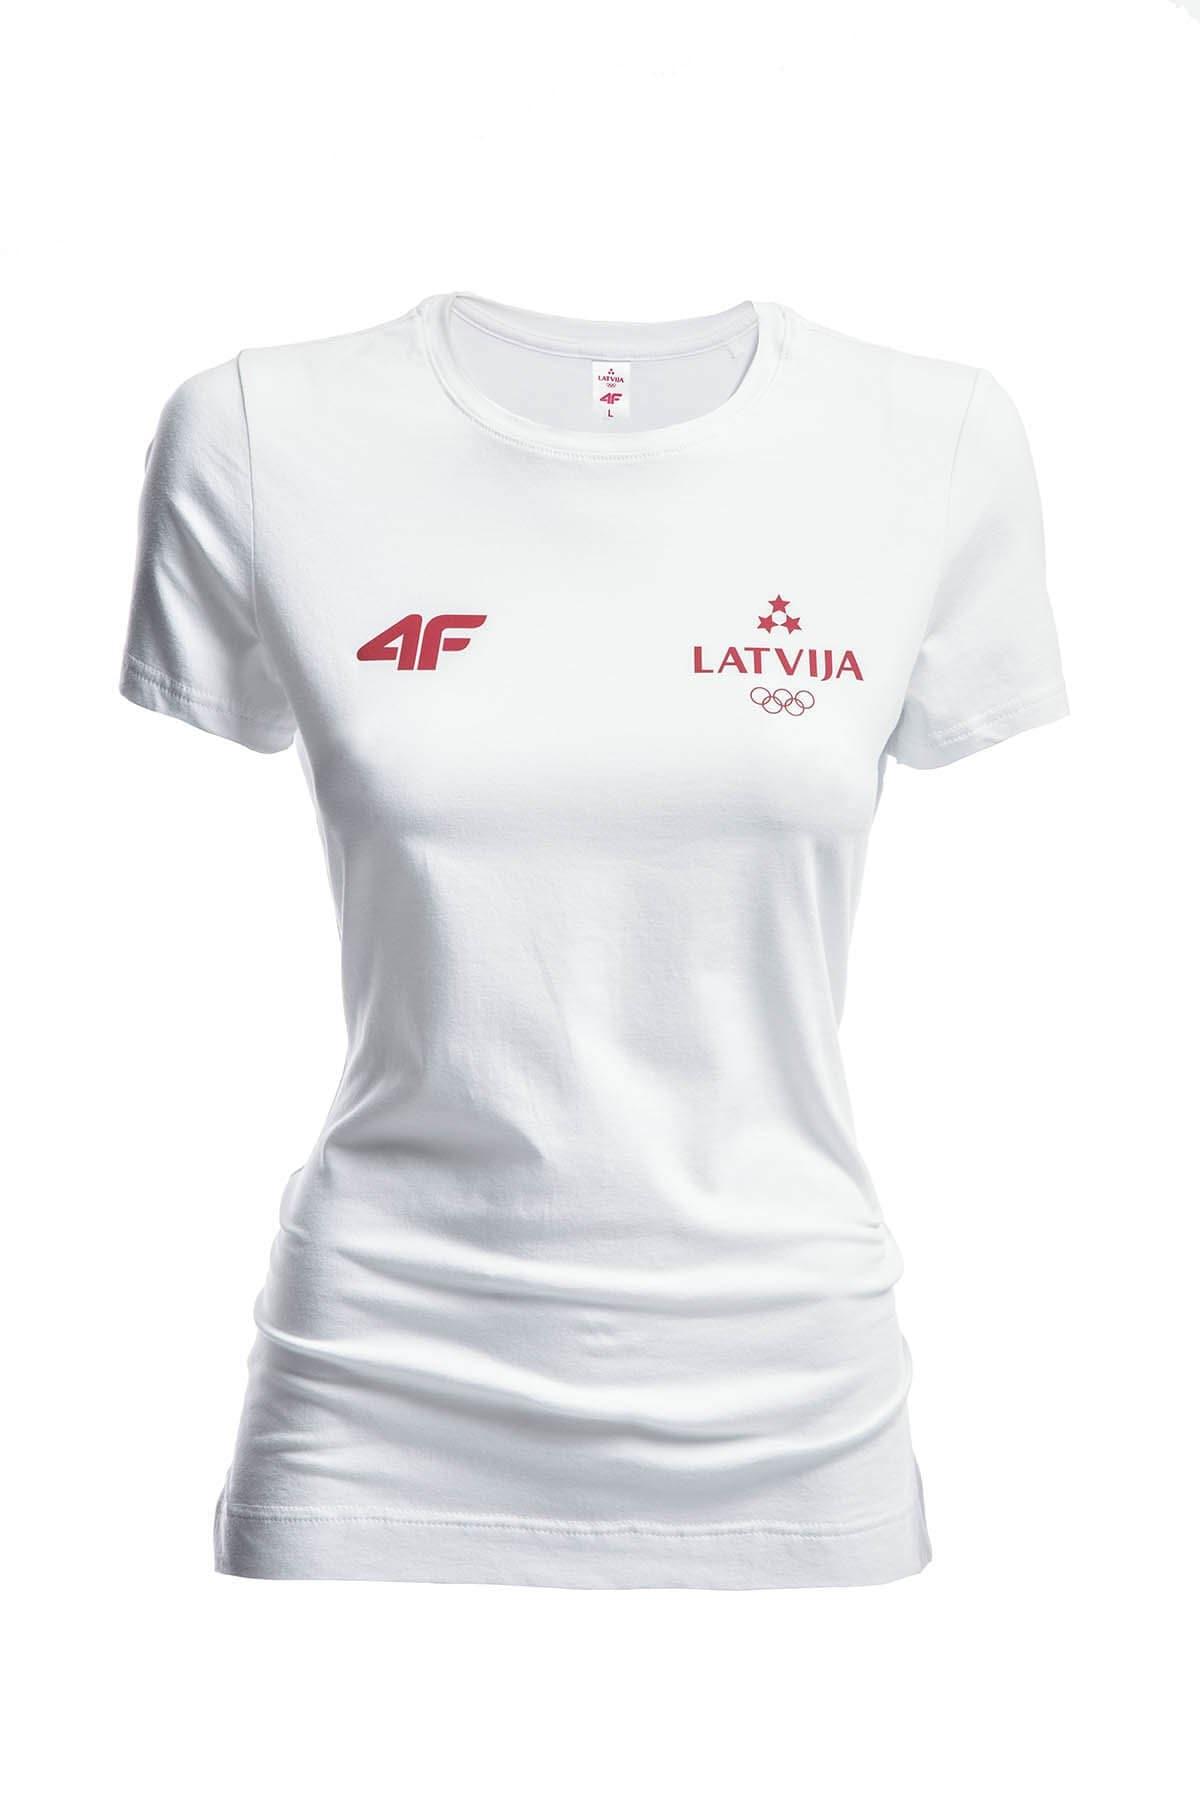 Koszulka damska Łotwa Pyeongchang 2018 TSD800 - biały